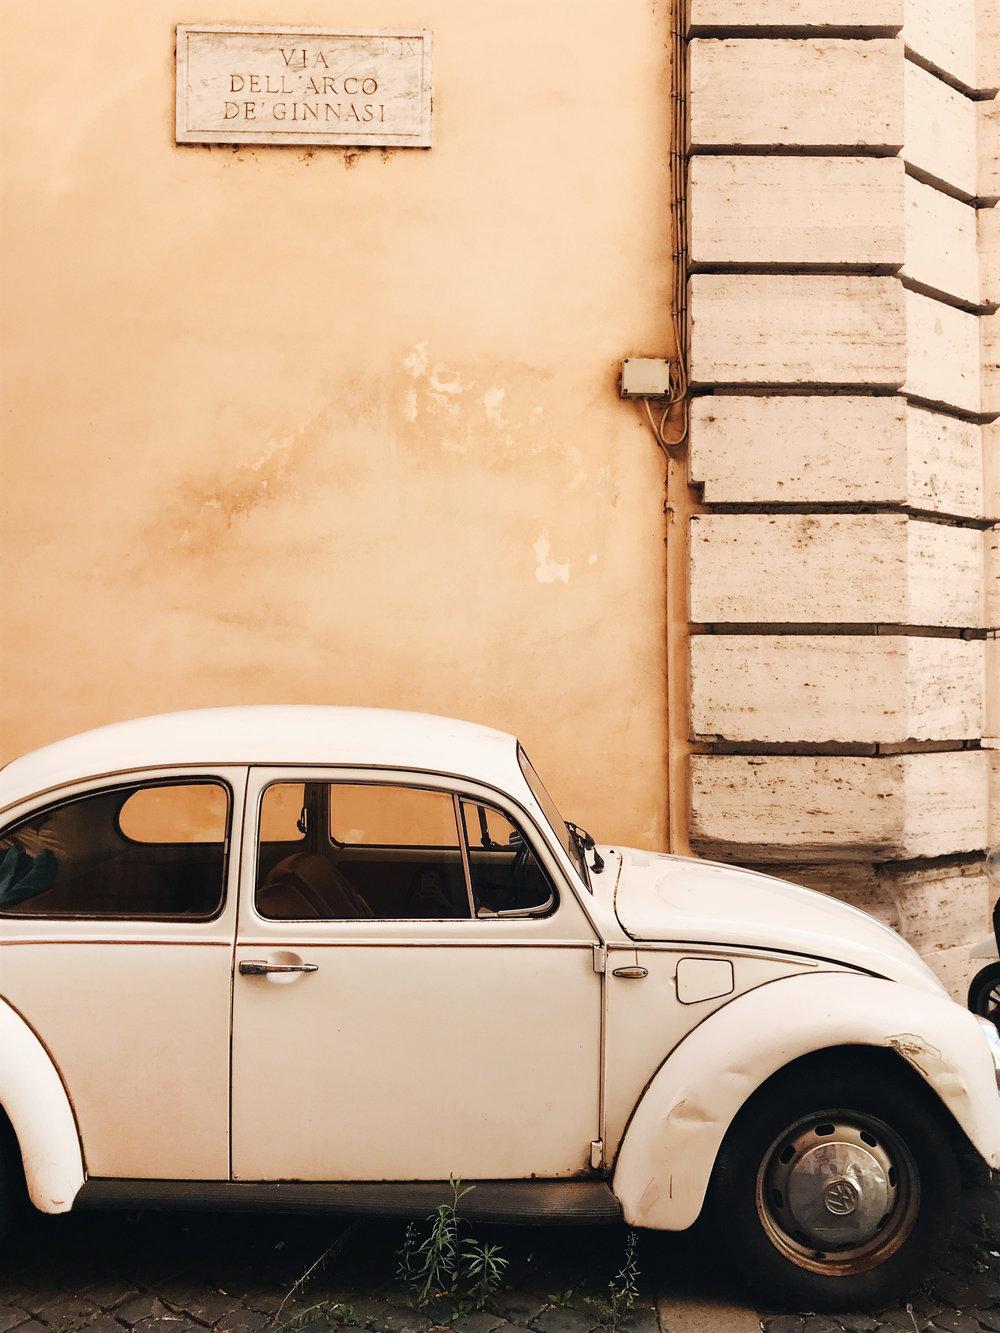 Italy-Positano-Rome-Amalfi-Coast-Lena-Mirisola-14.JPG